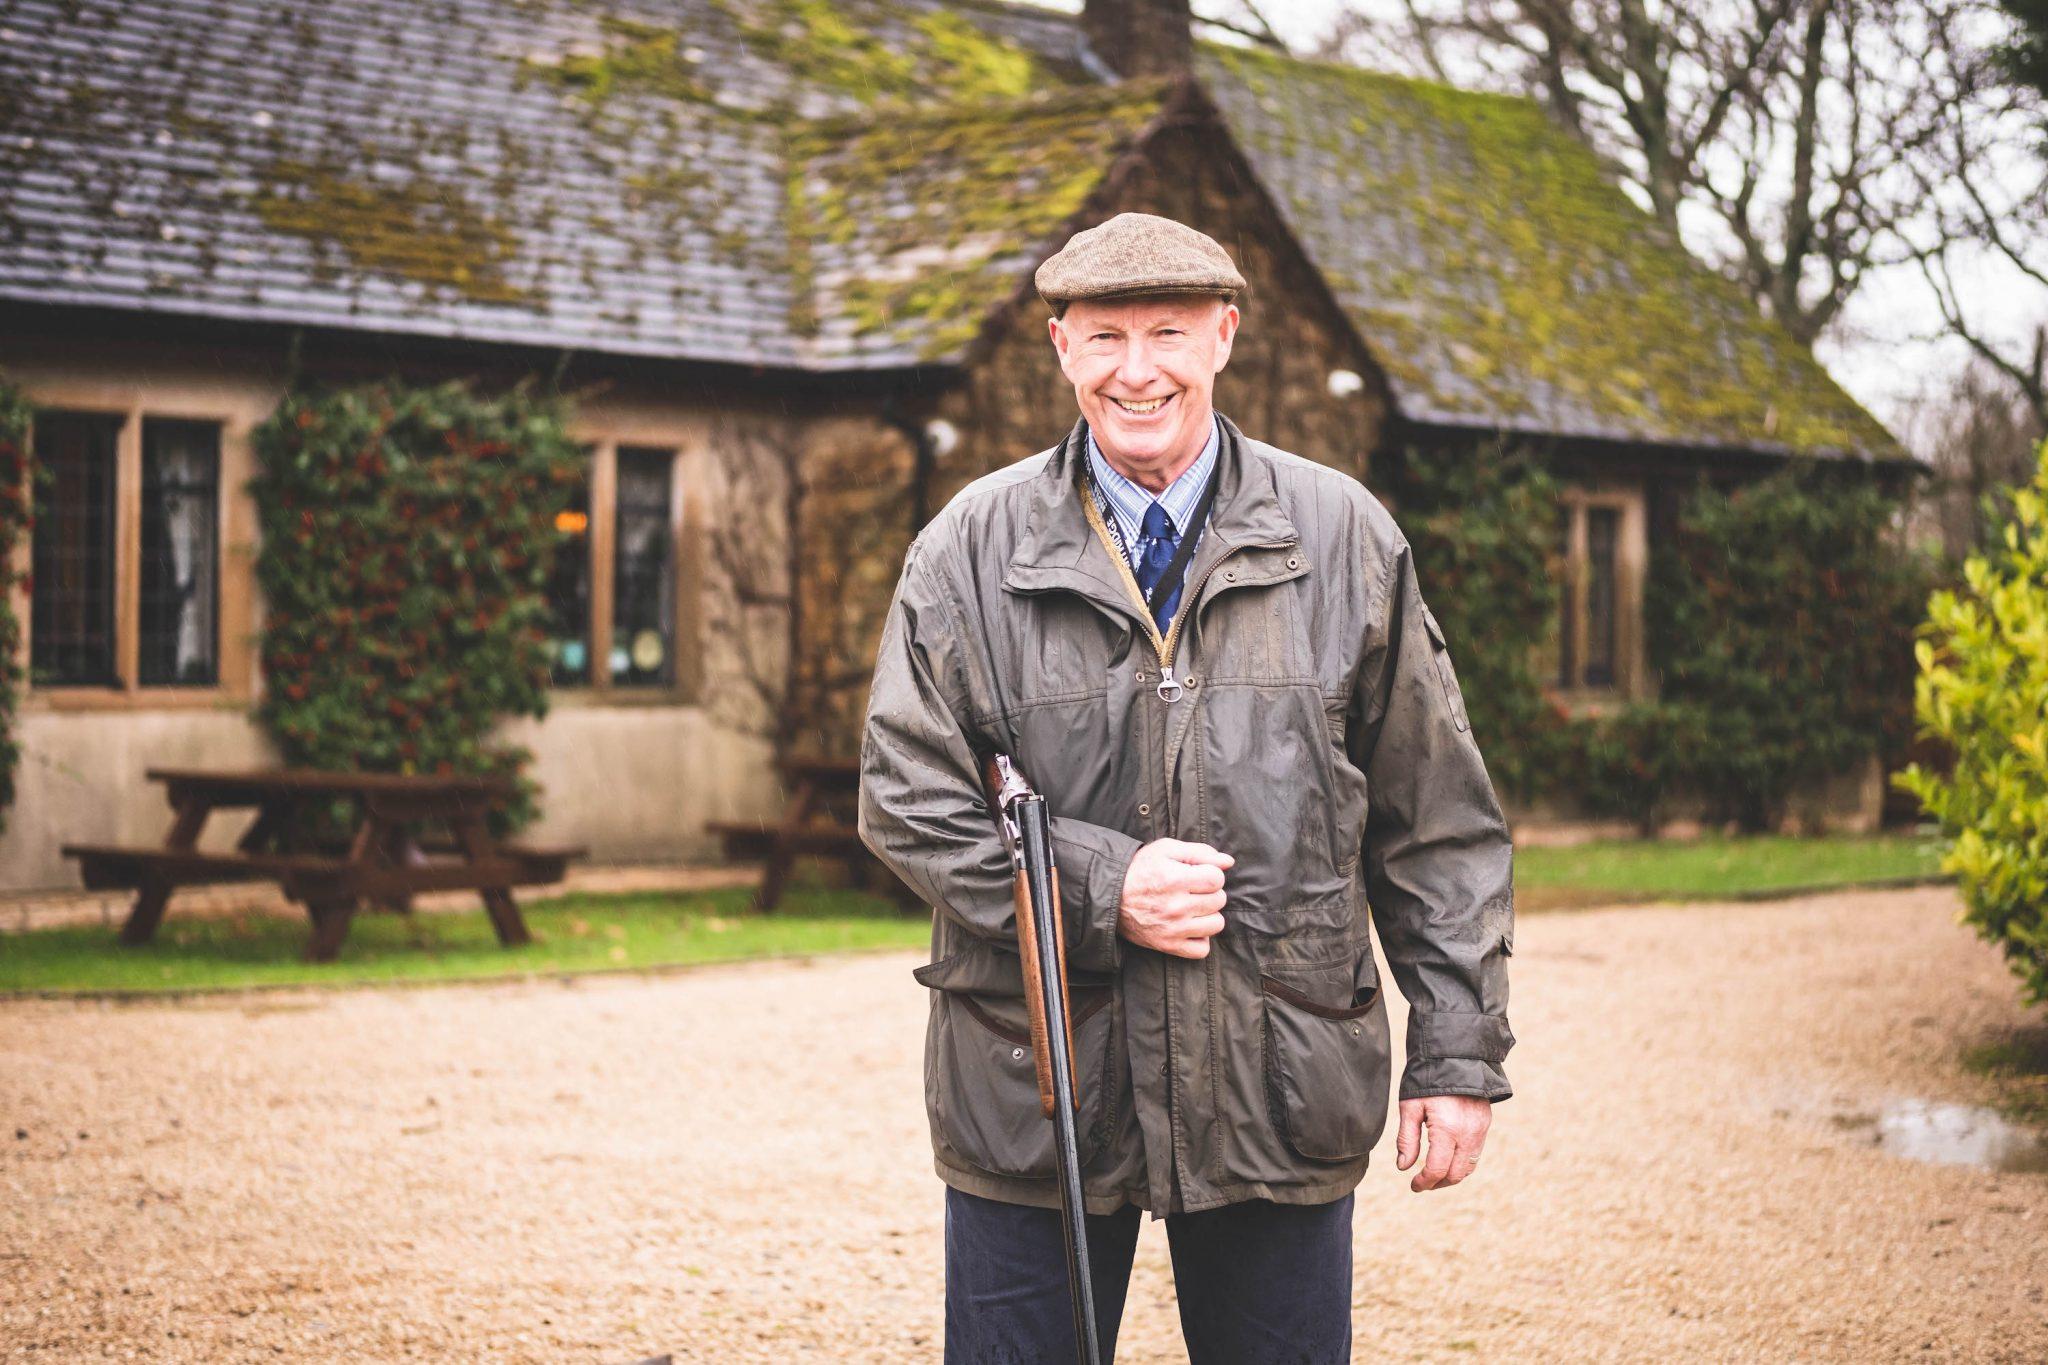 Ernie Hemmings, Owner of Lady's Wood Shooting School